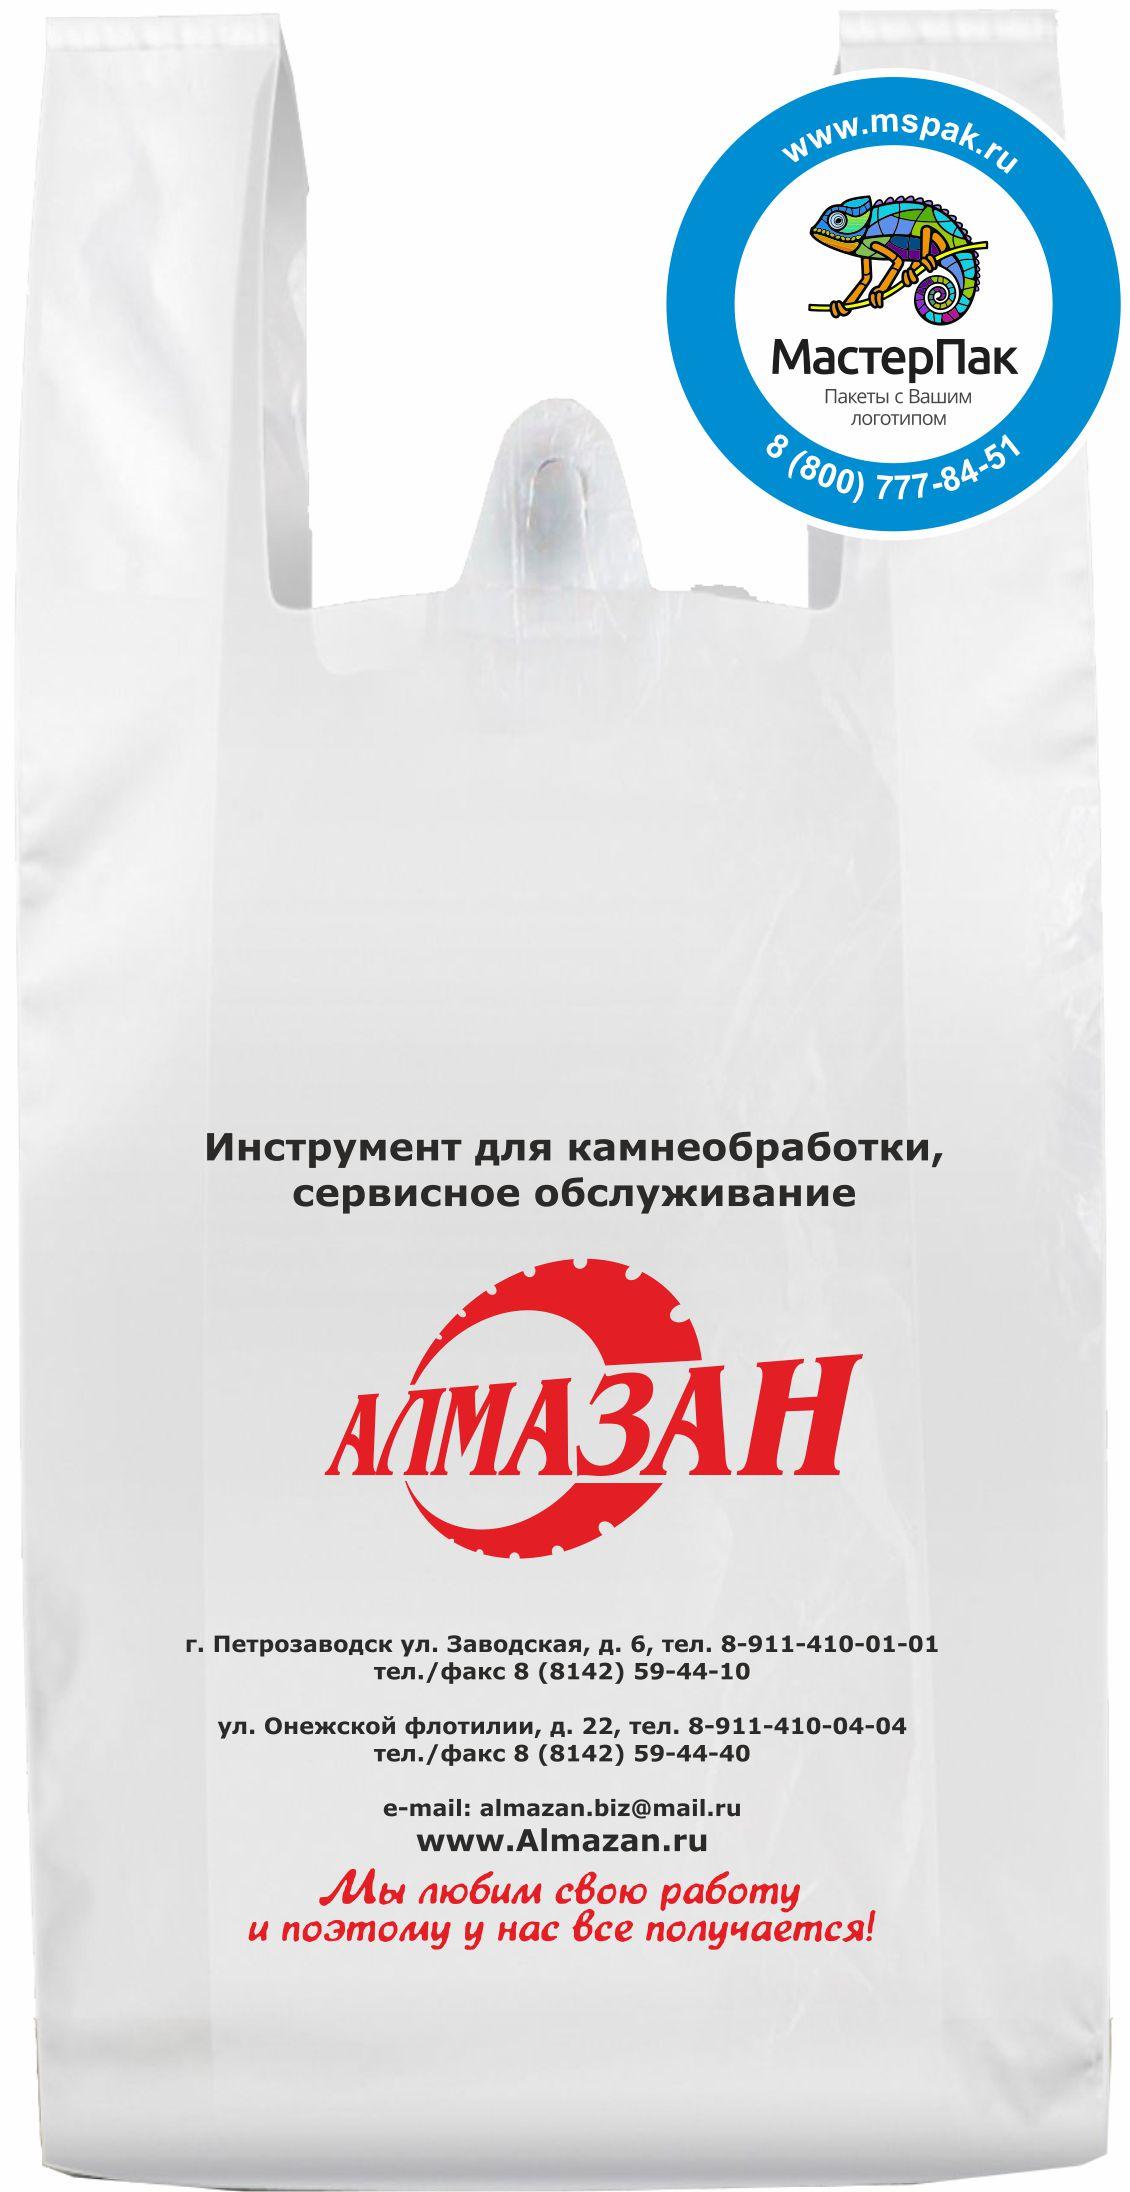 Пакет майка с логотипом Алмазан, печать в 2 цвета